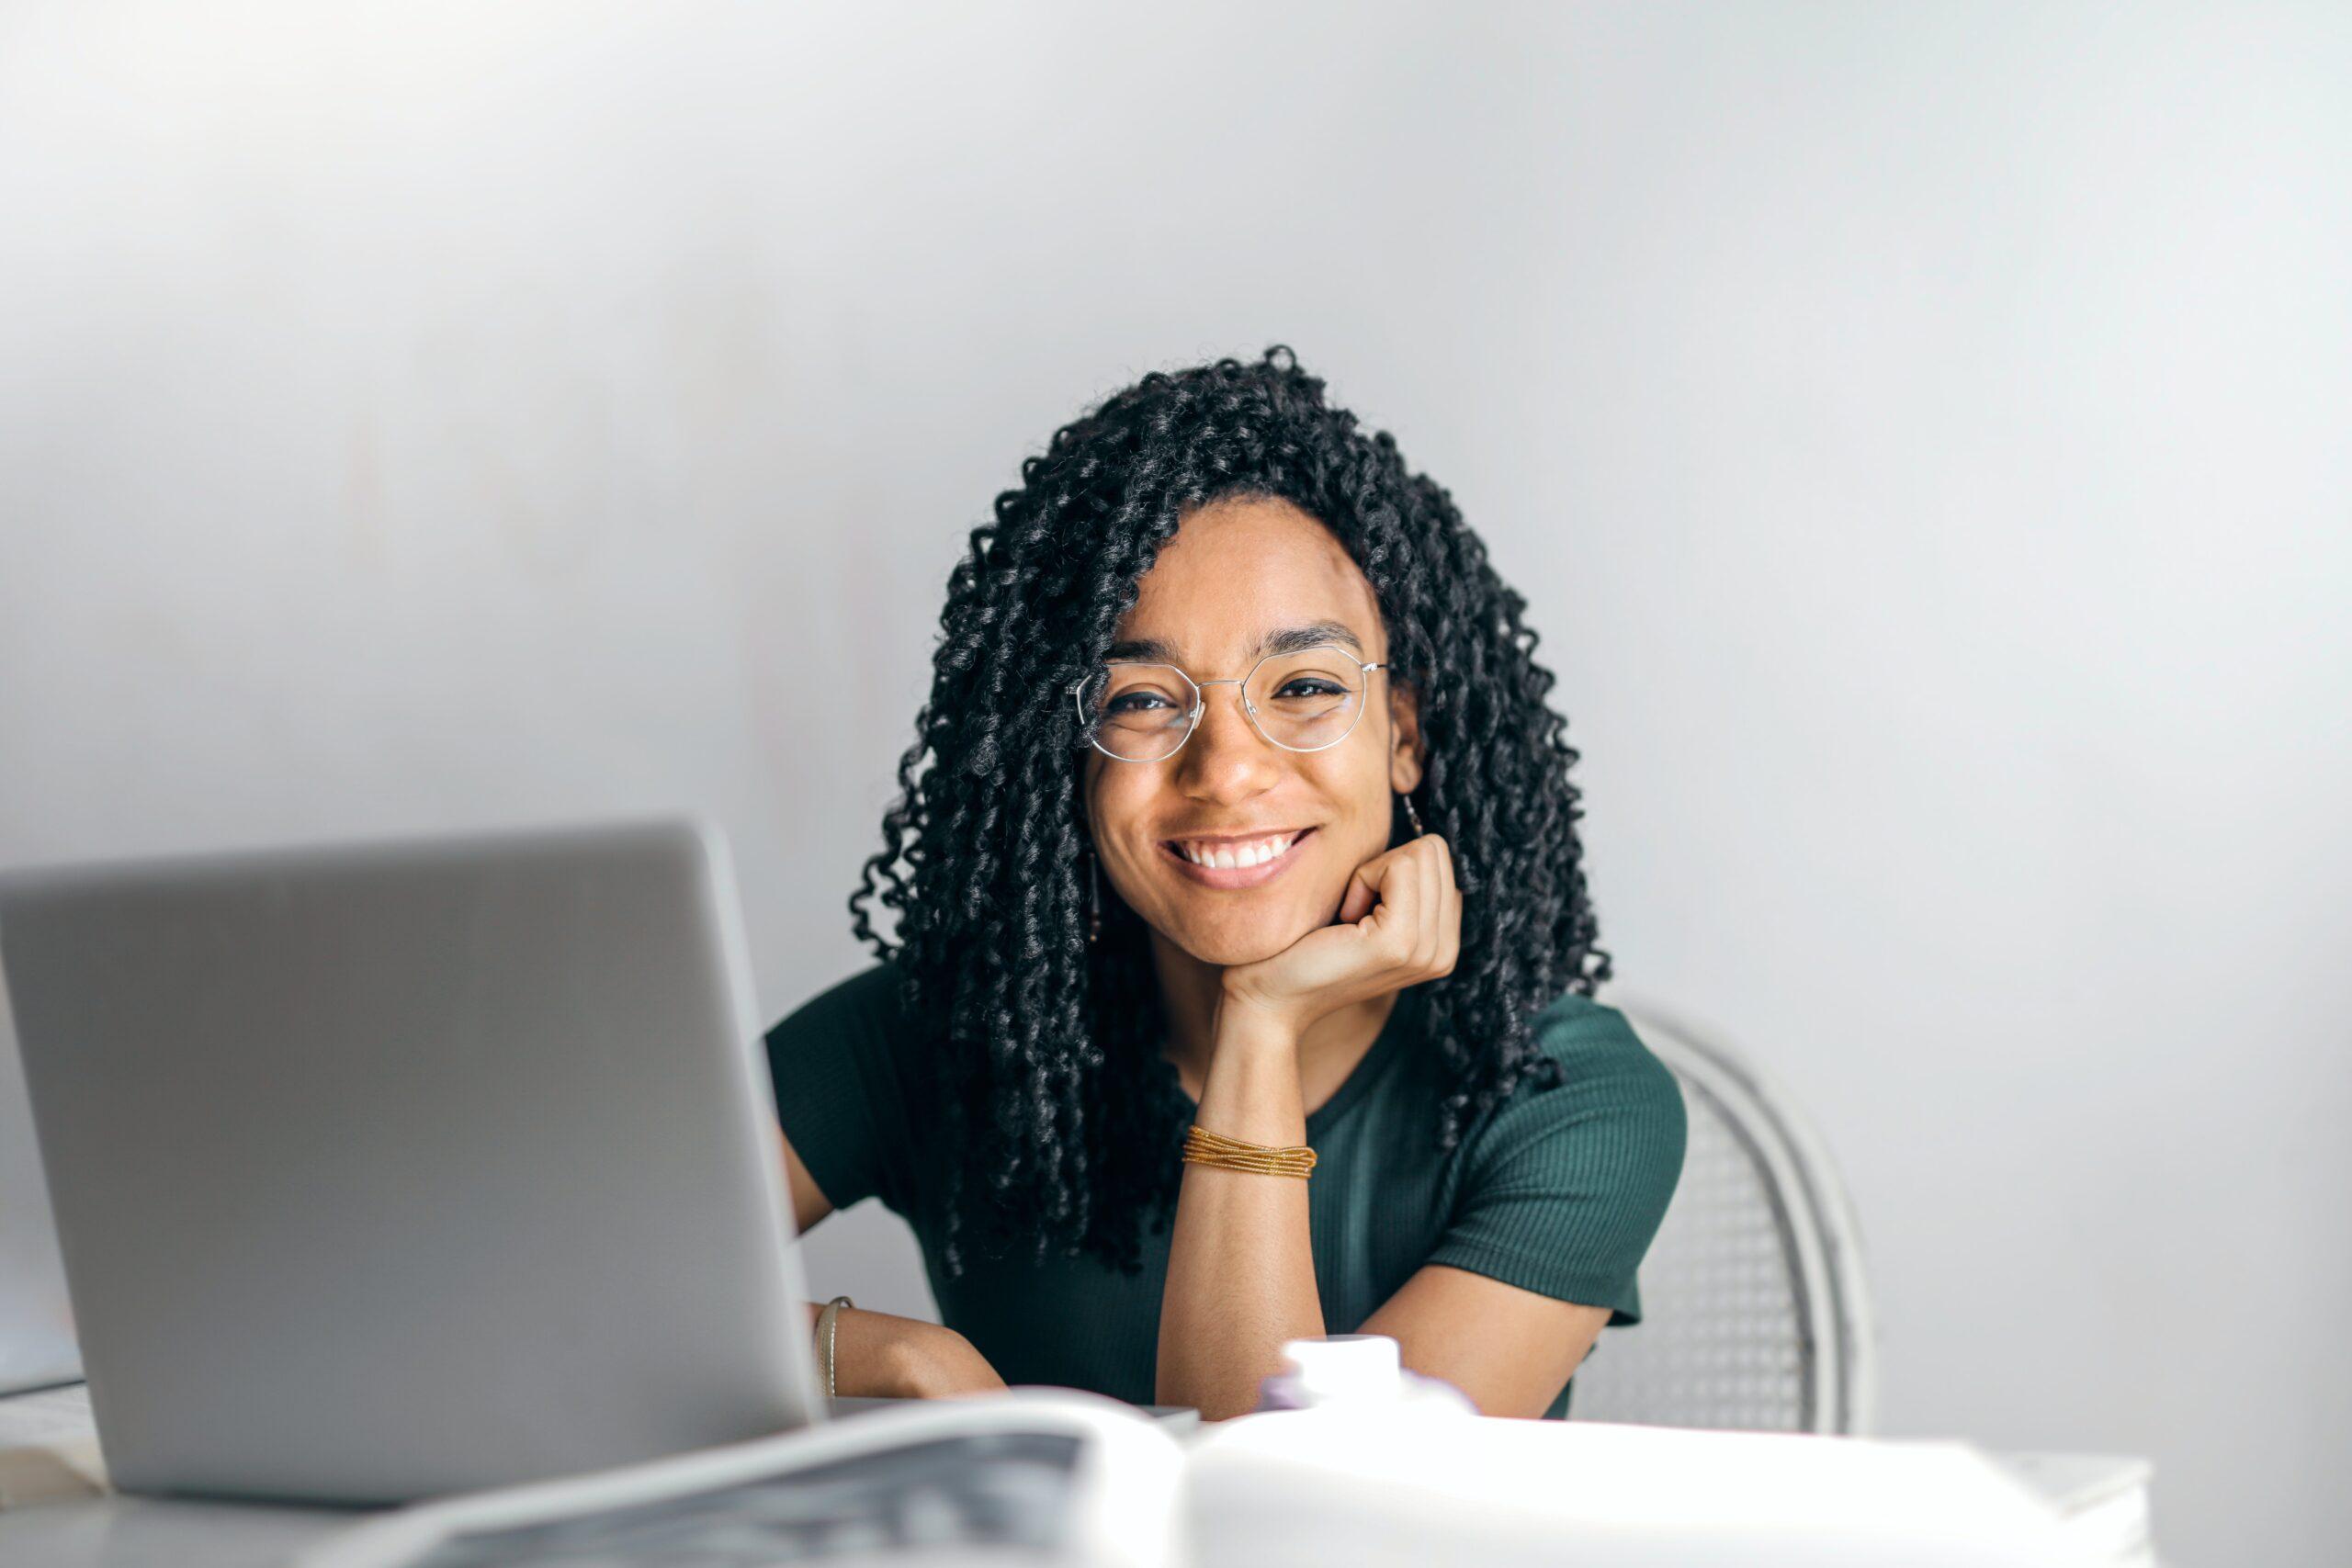 Gerente De RH Estudando O Que São Benefícios Flexíveis No Blog Consignet